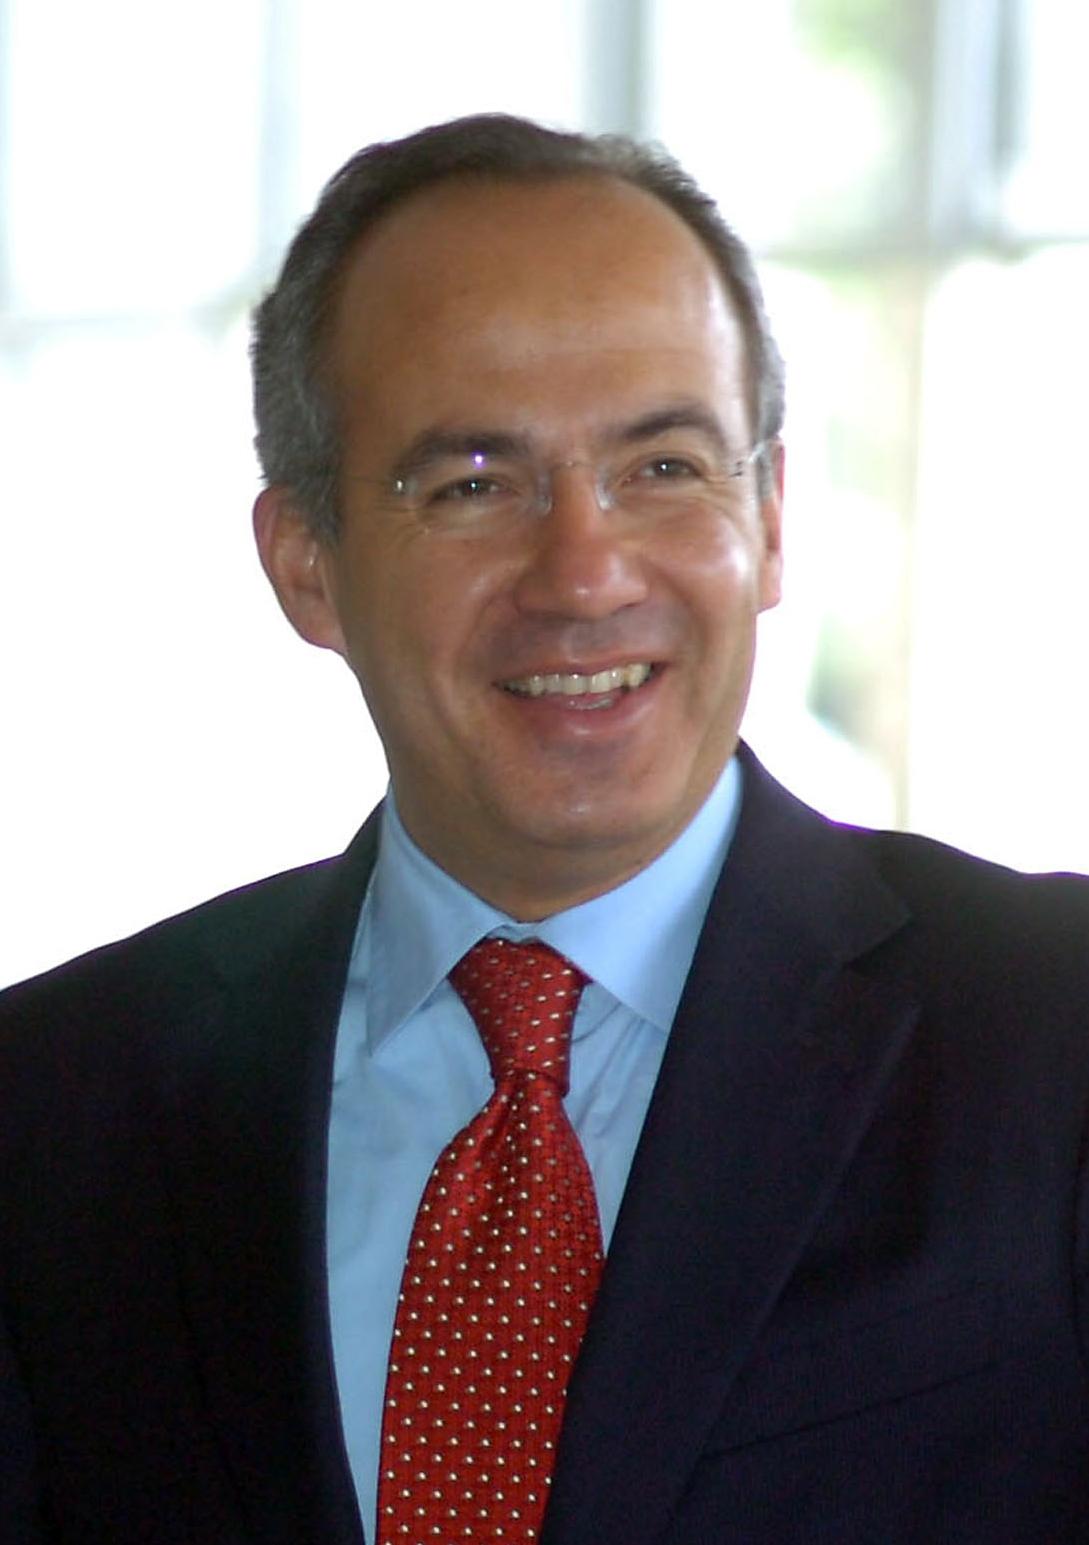 Felipe Calderon, Meksika Başkanı tarihte bugün